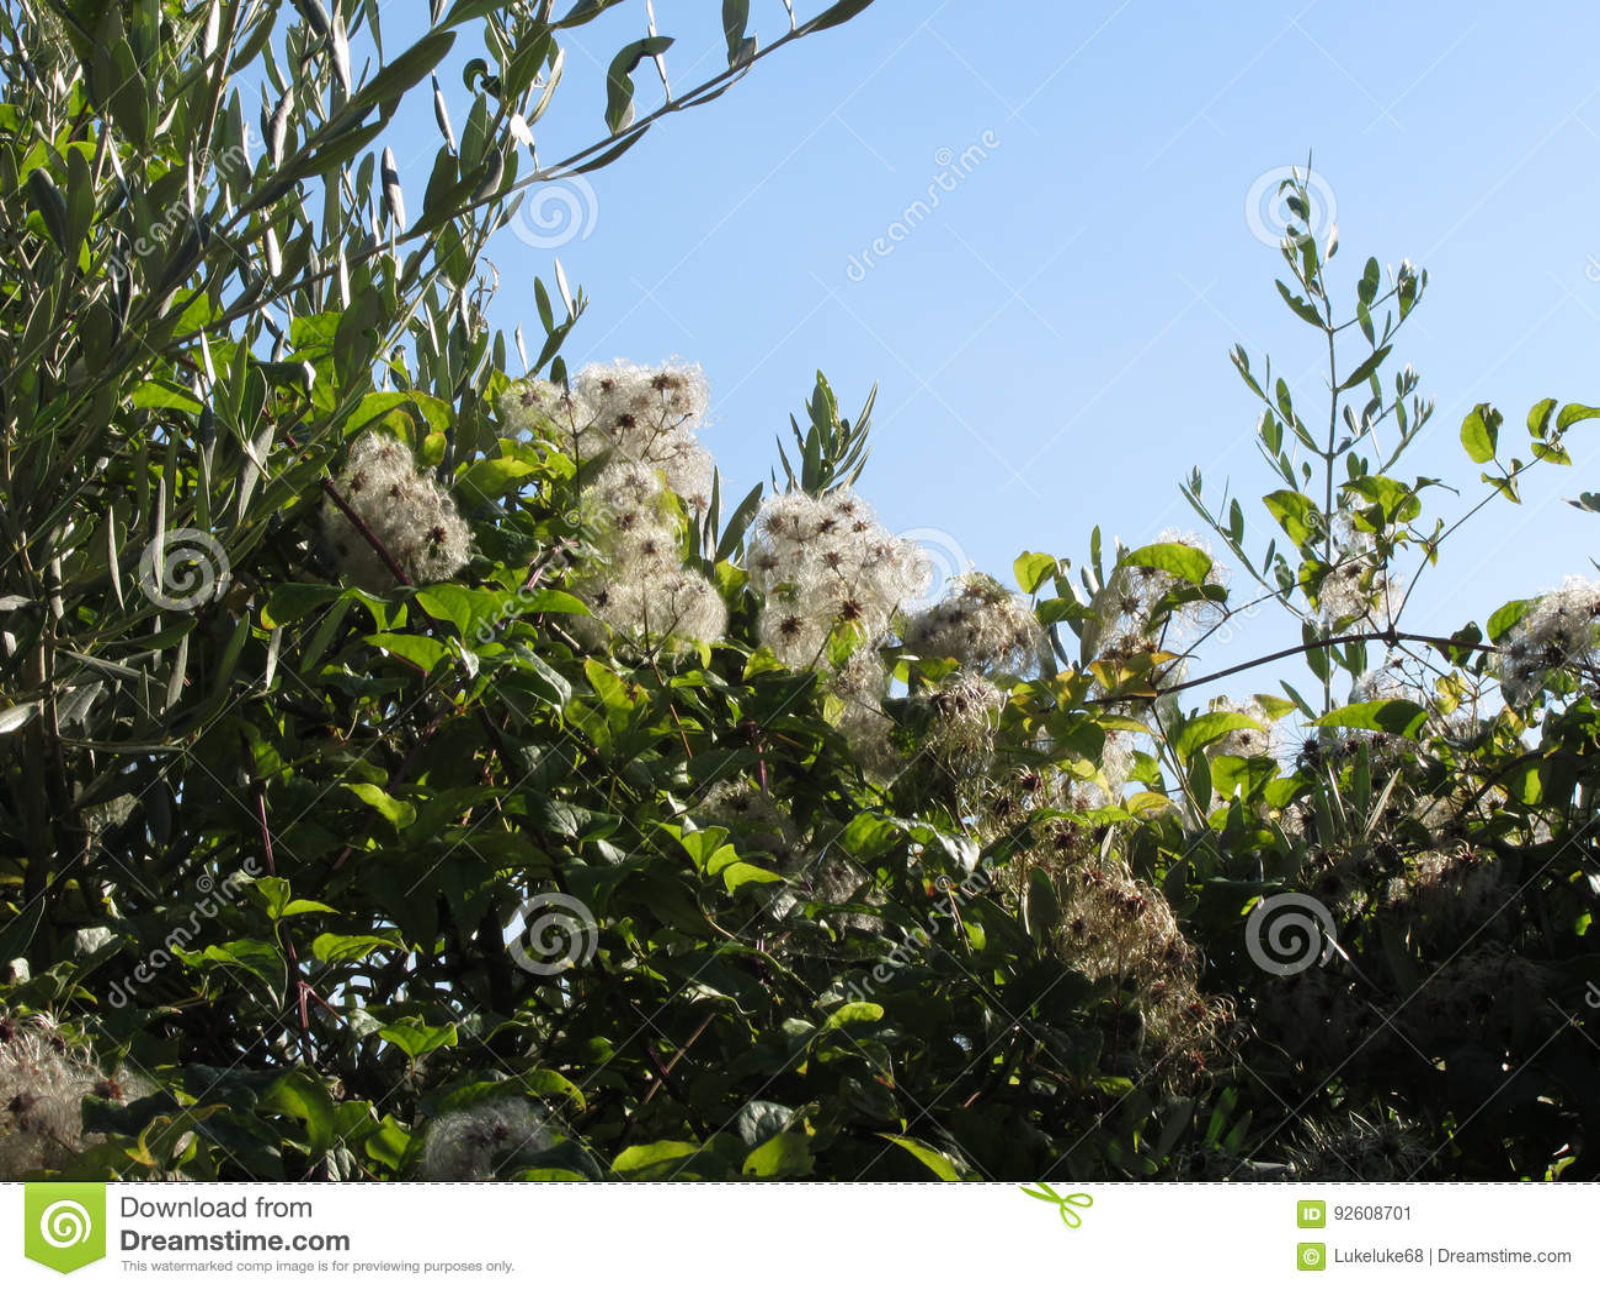 Planta Silvestre Con Las Flores Blancas En El Arbusto Imagen De